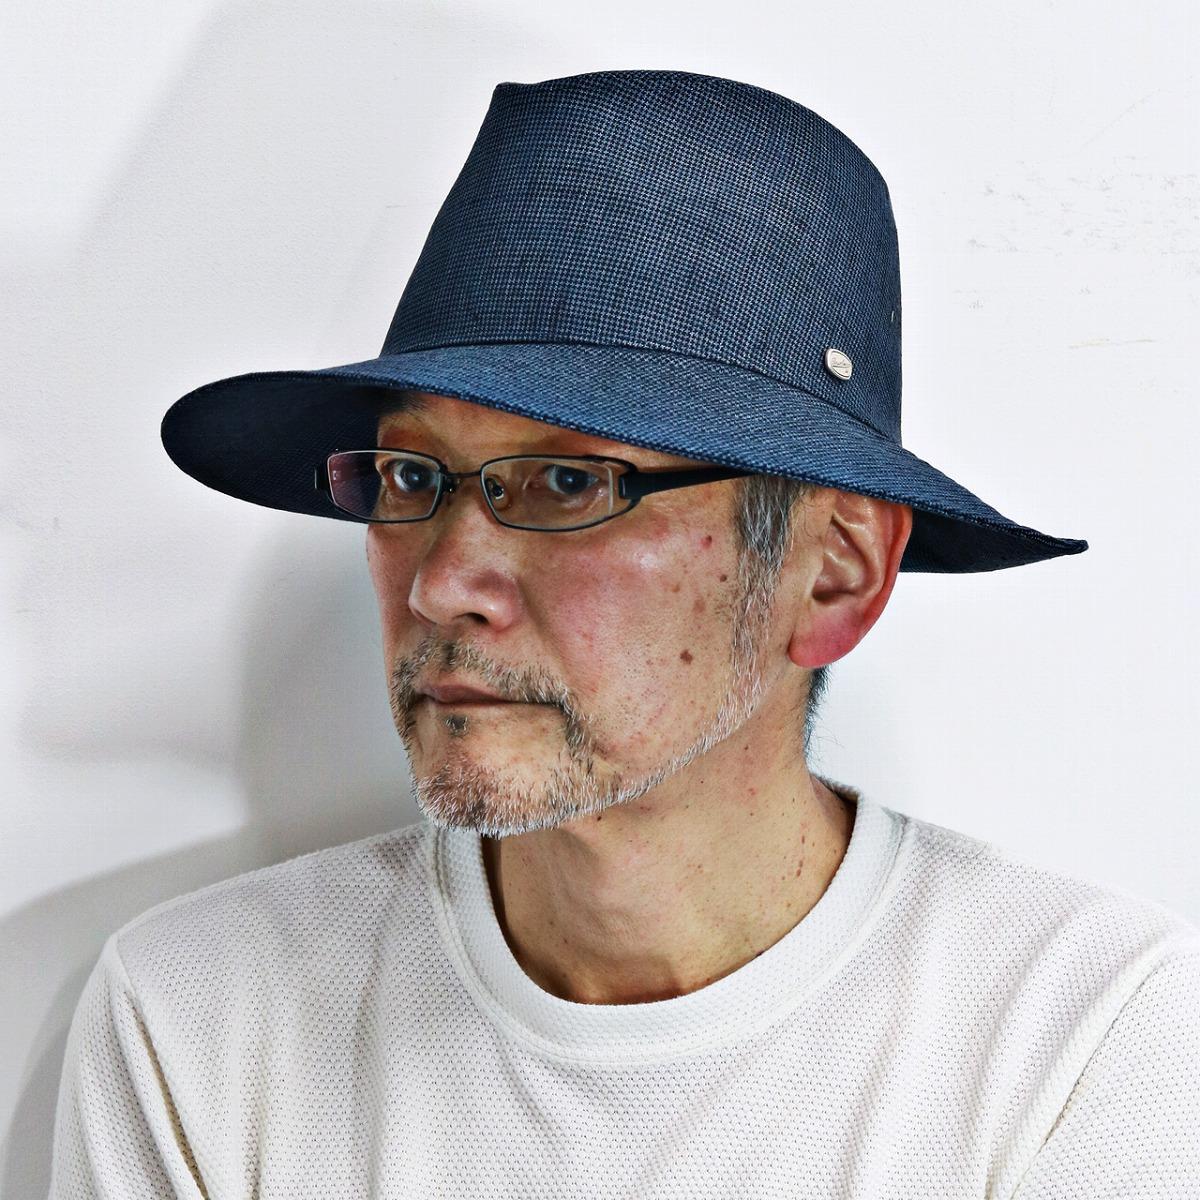 Wide-brim collar wide Hat mens turu Hat borsalino Hat men s spring summer  Hat staggered pattern men s wide brim Hat brim wide awnings Hat borsalino  Hat ... 1d4cb237c44